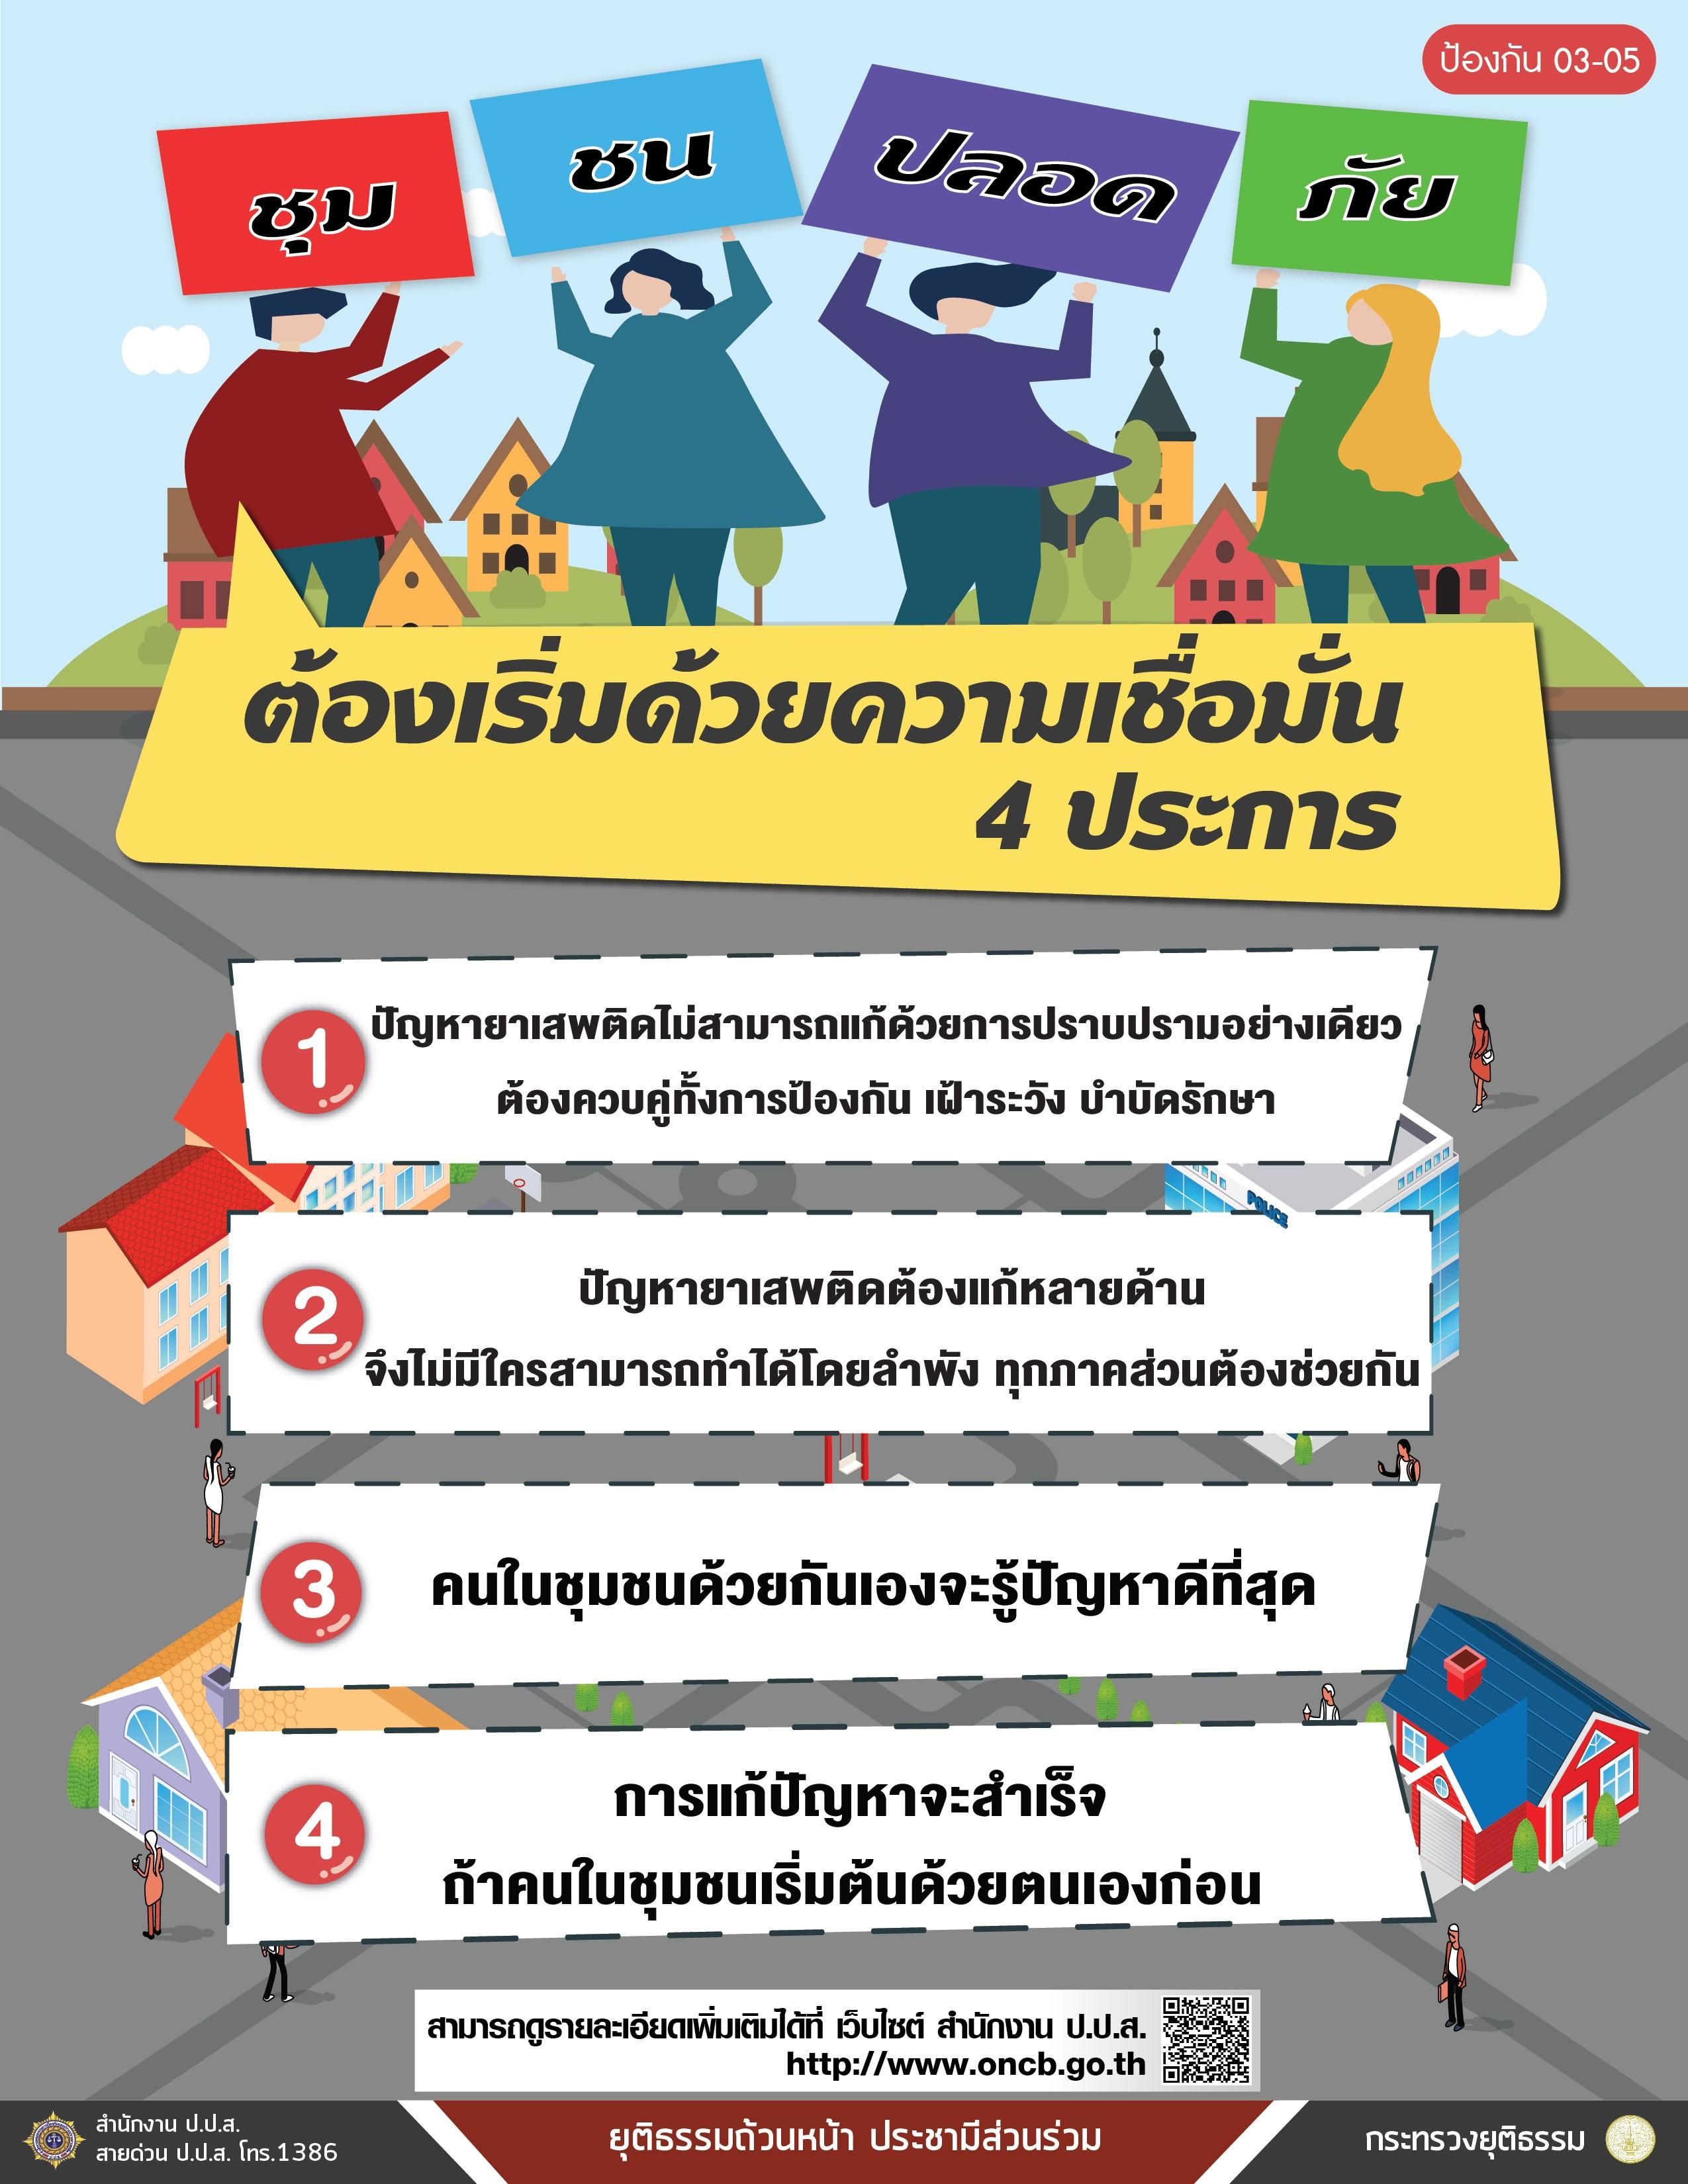 ชุมชนปลอดภัย ต้องเริ่มด้วยความเชื่อมั่น 4 ประการ